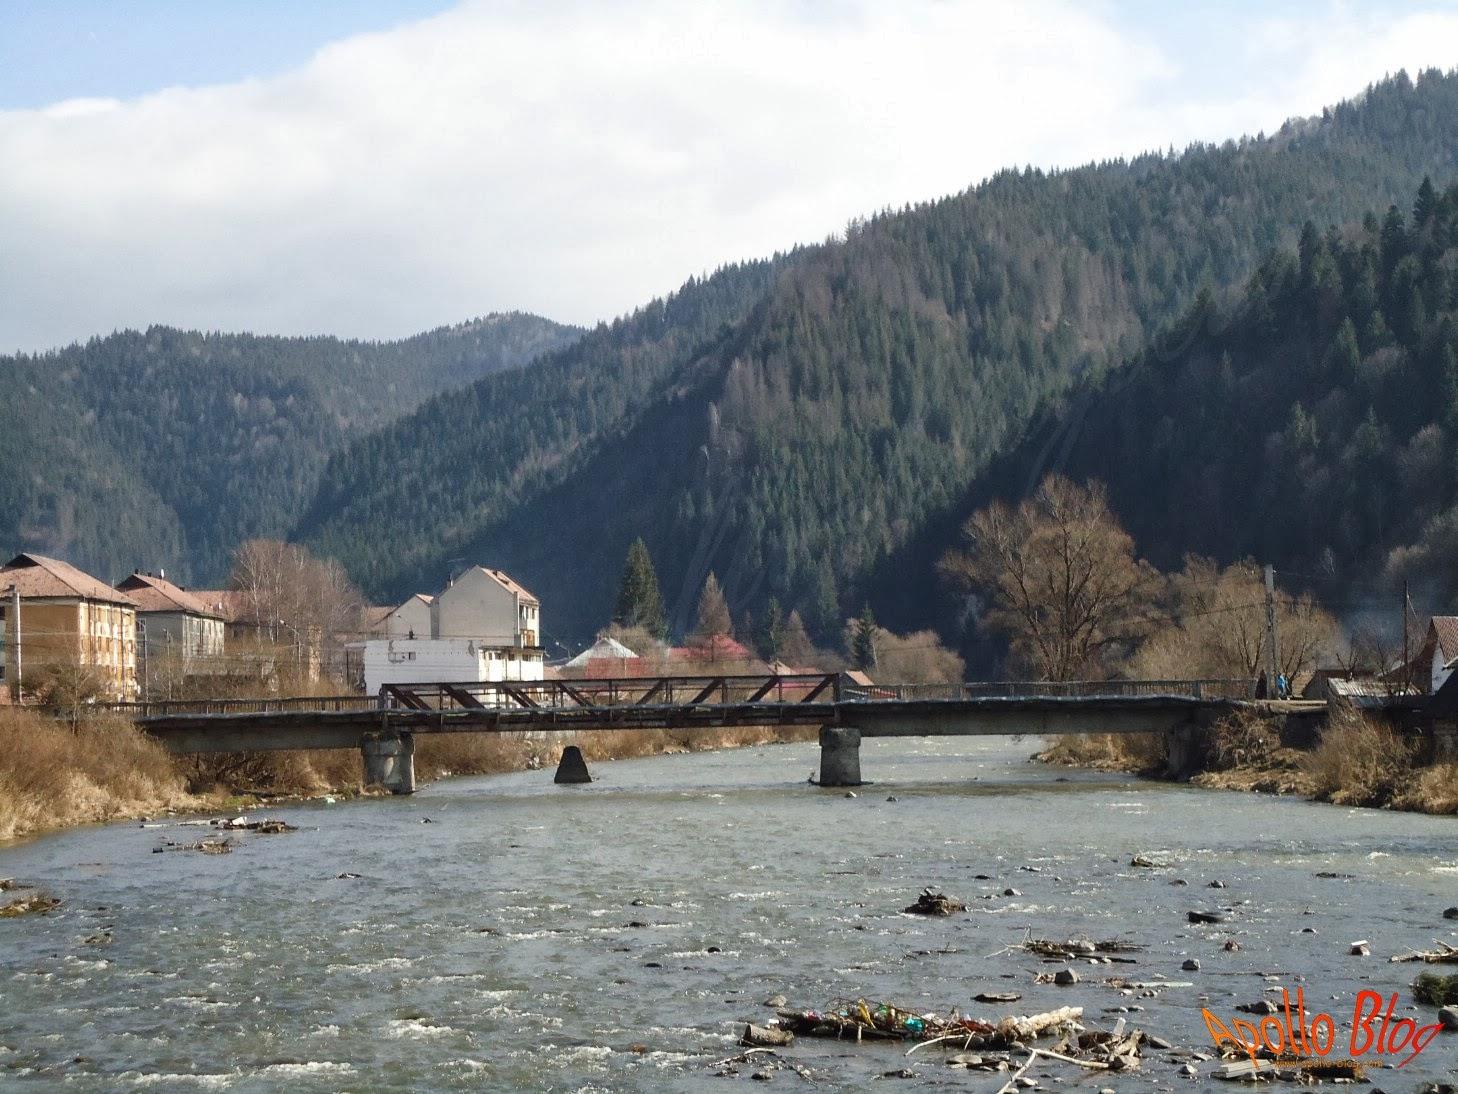 Pod de fier vechi